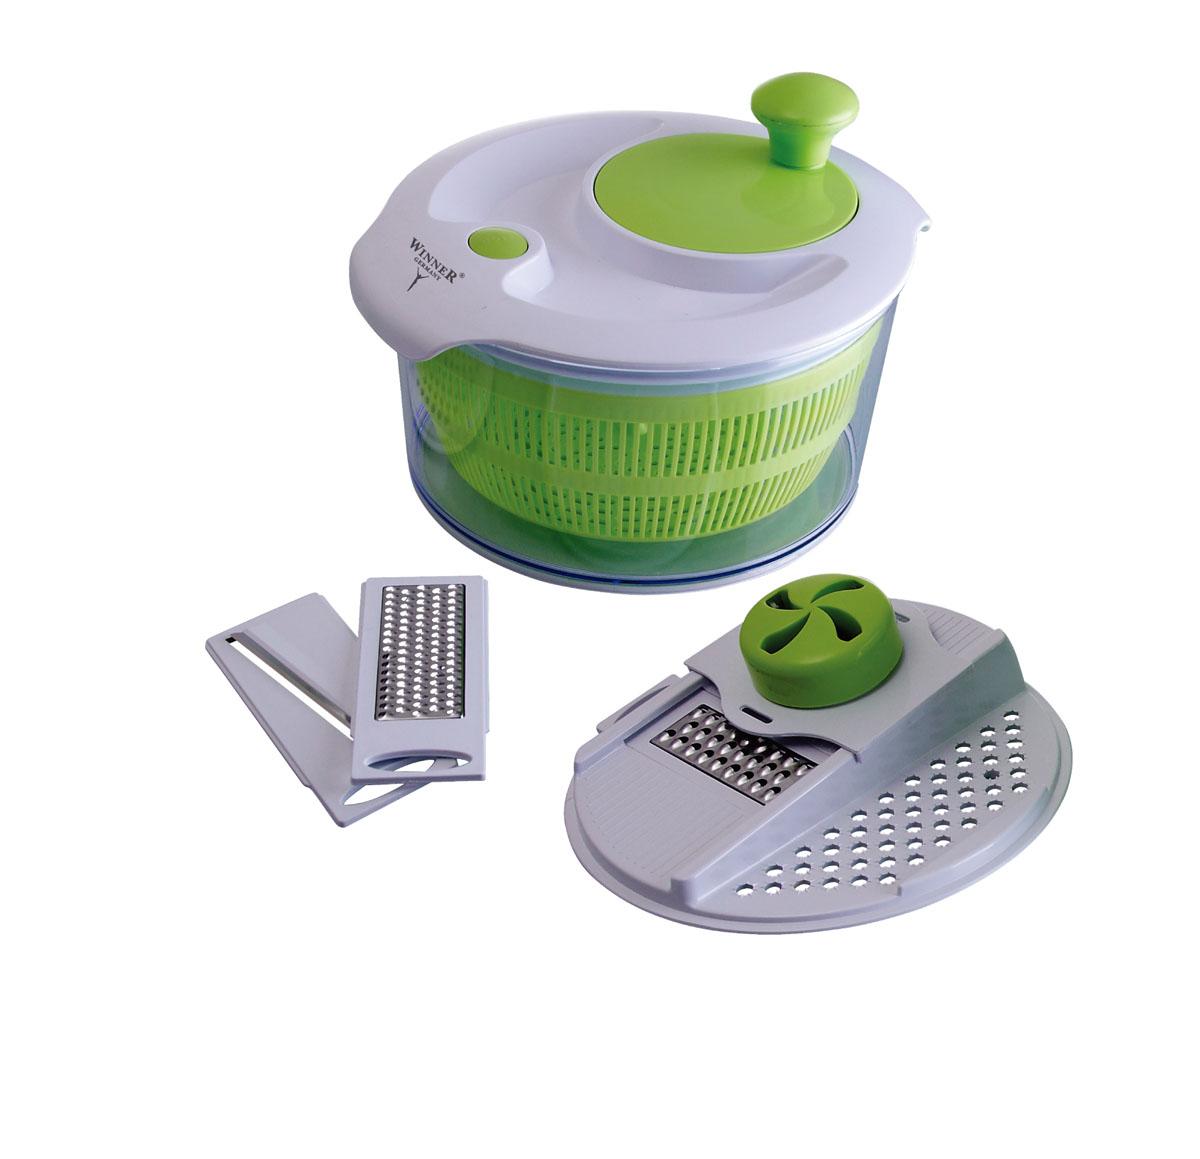 Набор для изготовления салатов Winner. WR-7401WR-7401Набор для изготовления салатов Winner предназначен для исключительно бытового использования и для обработки небольшого количества продуктов. Имеет механическое управление. Прибор сочетает в себе функции измельчителя и приспособления для сушки зелени и ягод. Меняя ножи на крышке, Вы можете получить огромный выбор нарезки фруктов, овощей и других продуктов, например, сыра, шоколада и т.п. Комплектация:чаша объемом 4,7л, крышка-держатель для ножей, держатель для продуктов, ножи: для крупной нарезки, для мелкой нарезки, для нарезки тонкими ломтиками, крышка для сушки зелени и ягод, корзинка-дуршлаг и подробная инструкция по эксплуатации на русском языке.Рекомендована ручная чистка. Характеристики:Материал: пластик пищевой, лезвия из нержавеющей стали. Объем чаши: 4,7 л. Размер чаши: 24 см х 24 см х 11,5 см. Размер упаковки: 25 см x 15 см x 18 см. Изготовитель: Китай.